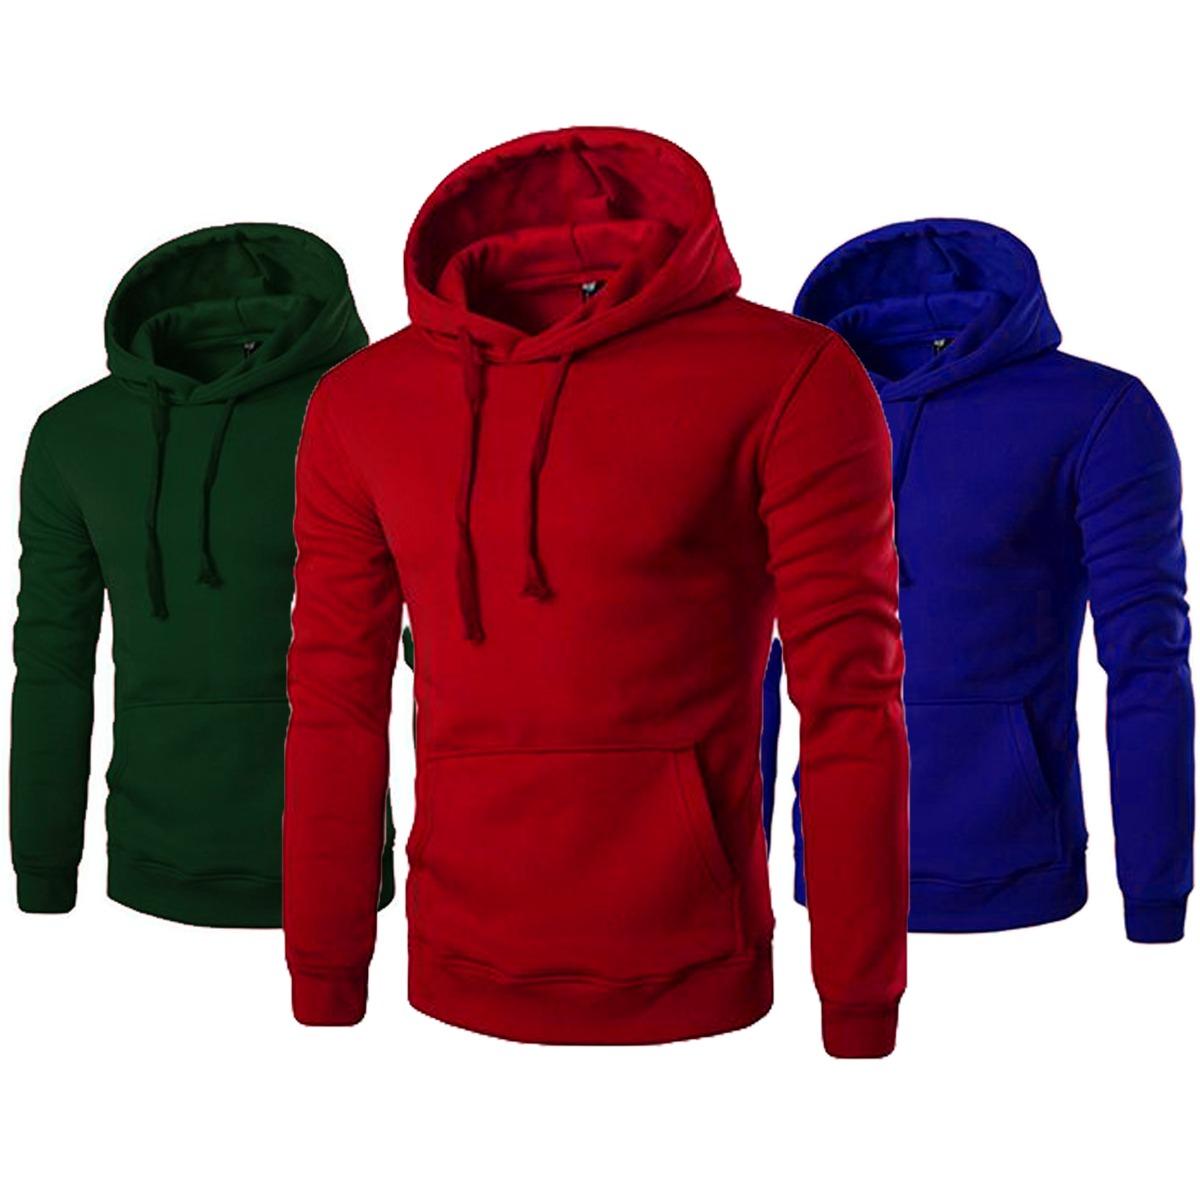 11490f862fa0e casaco blusa moletom frio canguru masculino feminino unissex. Carregando  zoom.